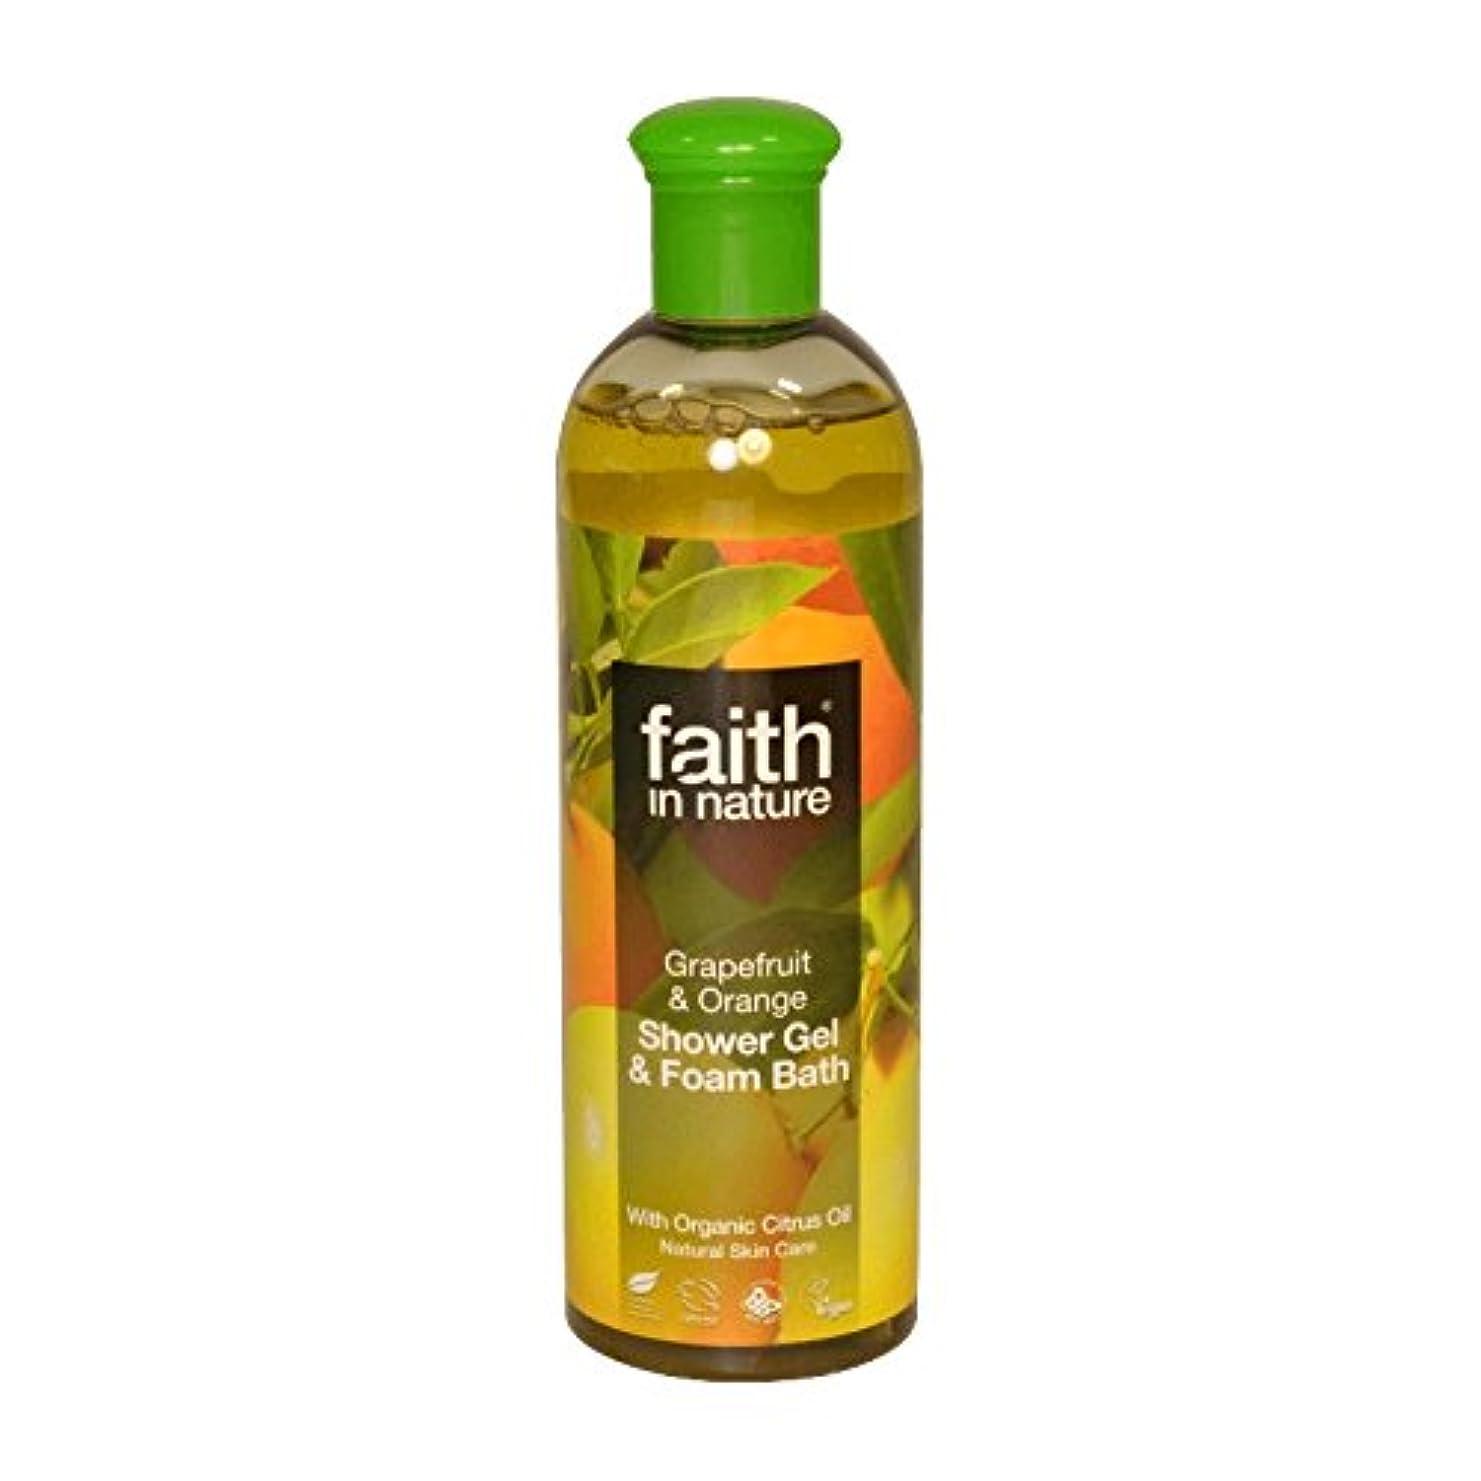 押し下げる許容できる無一文自然グレープフルーツ&オレンジシャワージェル&バス泡400ミリリットルの信仰 - Faith in Nature Grapefruit & Orange Shower Gel & Bath Foam 400ml (Faith...